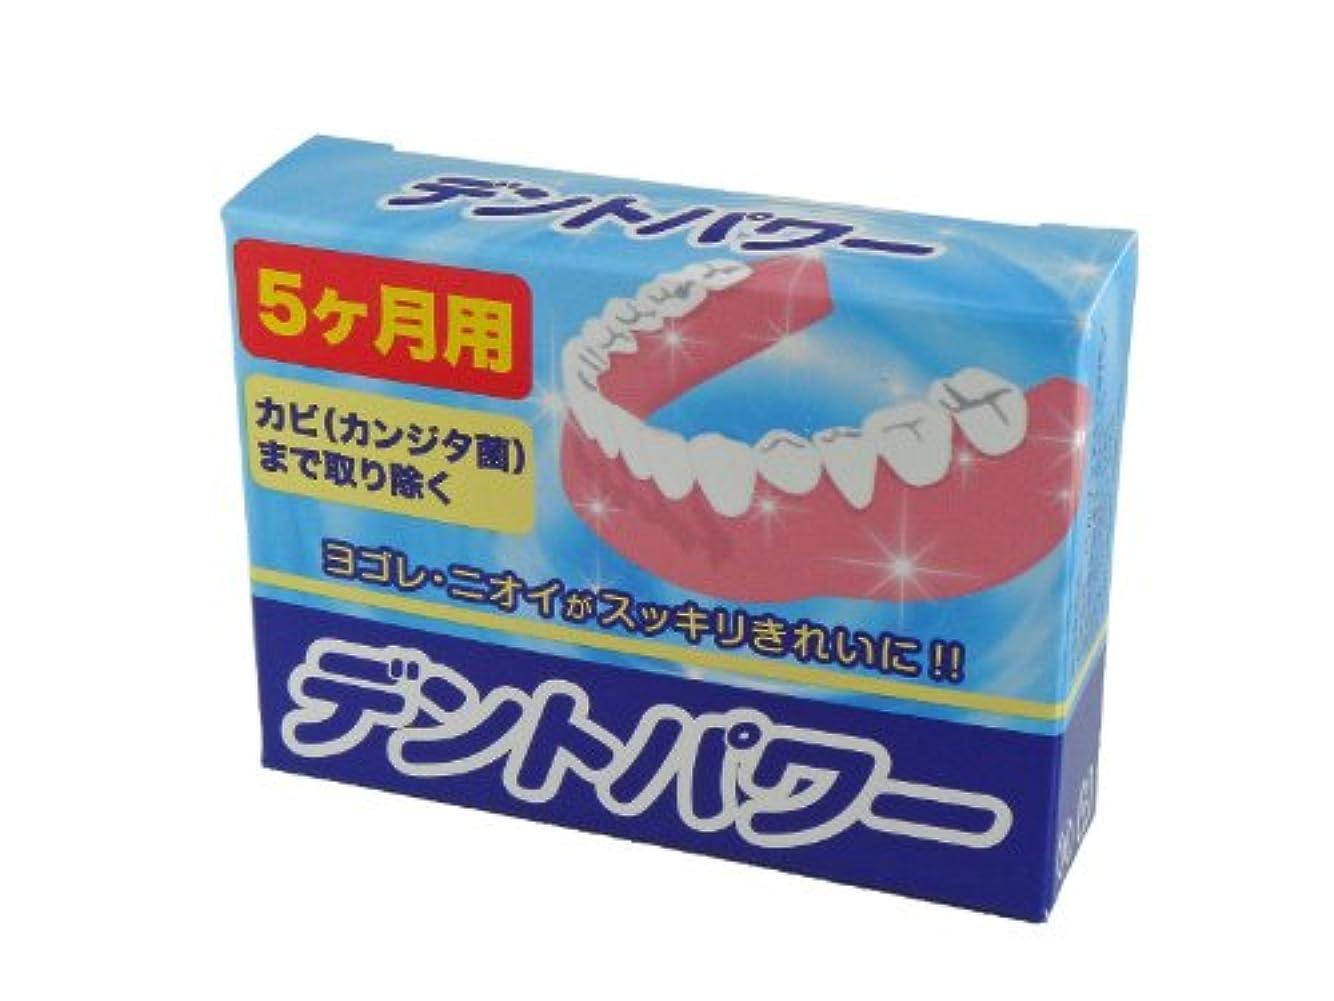 却下する発音カリング入れ歯洗浄剤 デントパワー 5ヶ月用 20包入